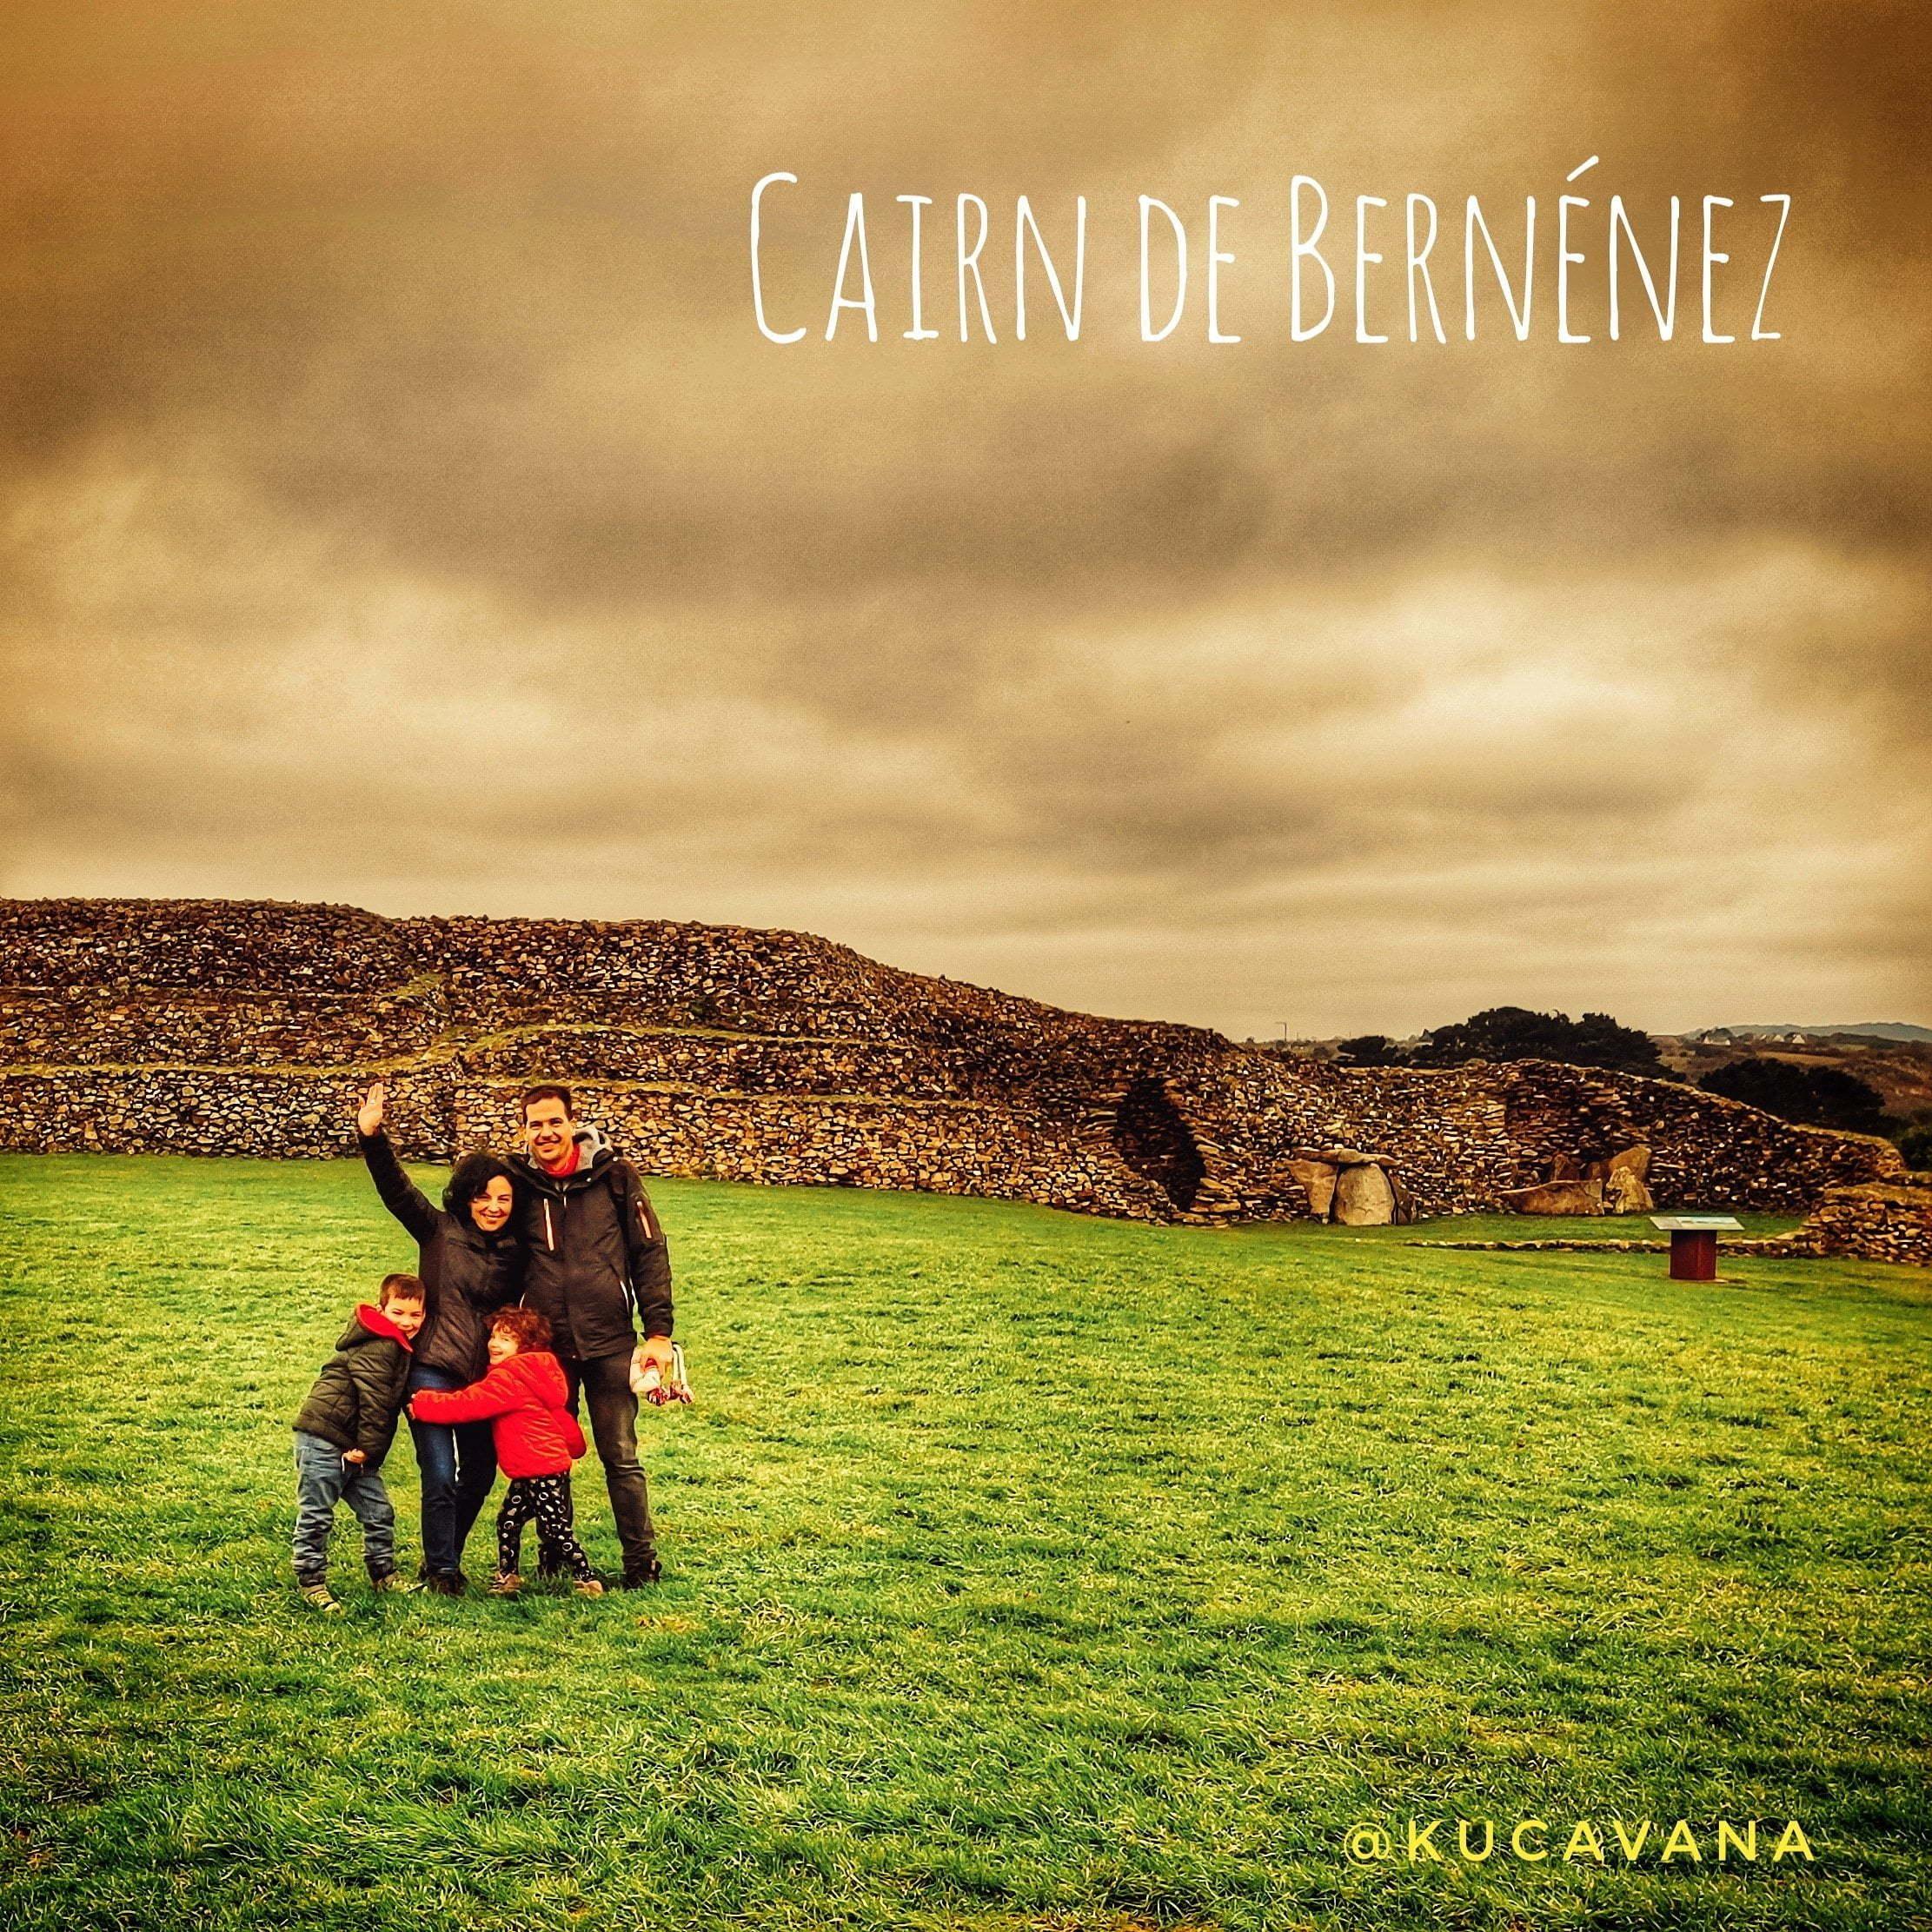 El Cairn de Barnénez, en la Bretaña Francesa, el monumento prehistórico más antiguo de Europa